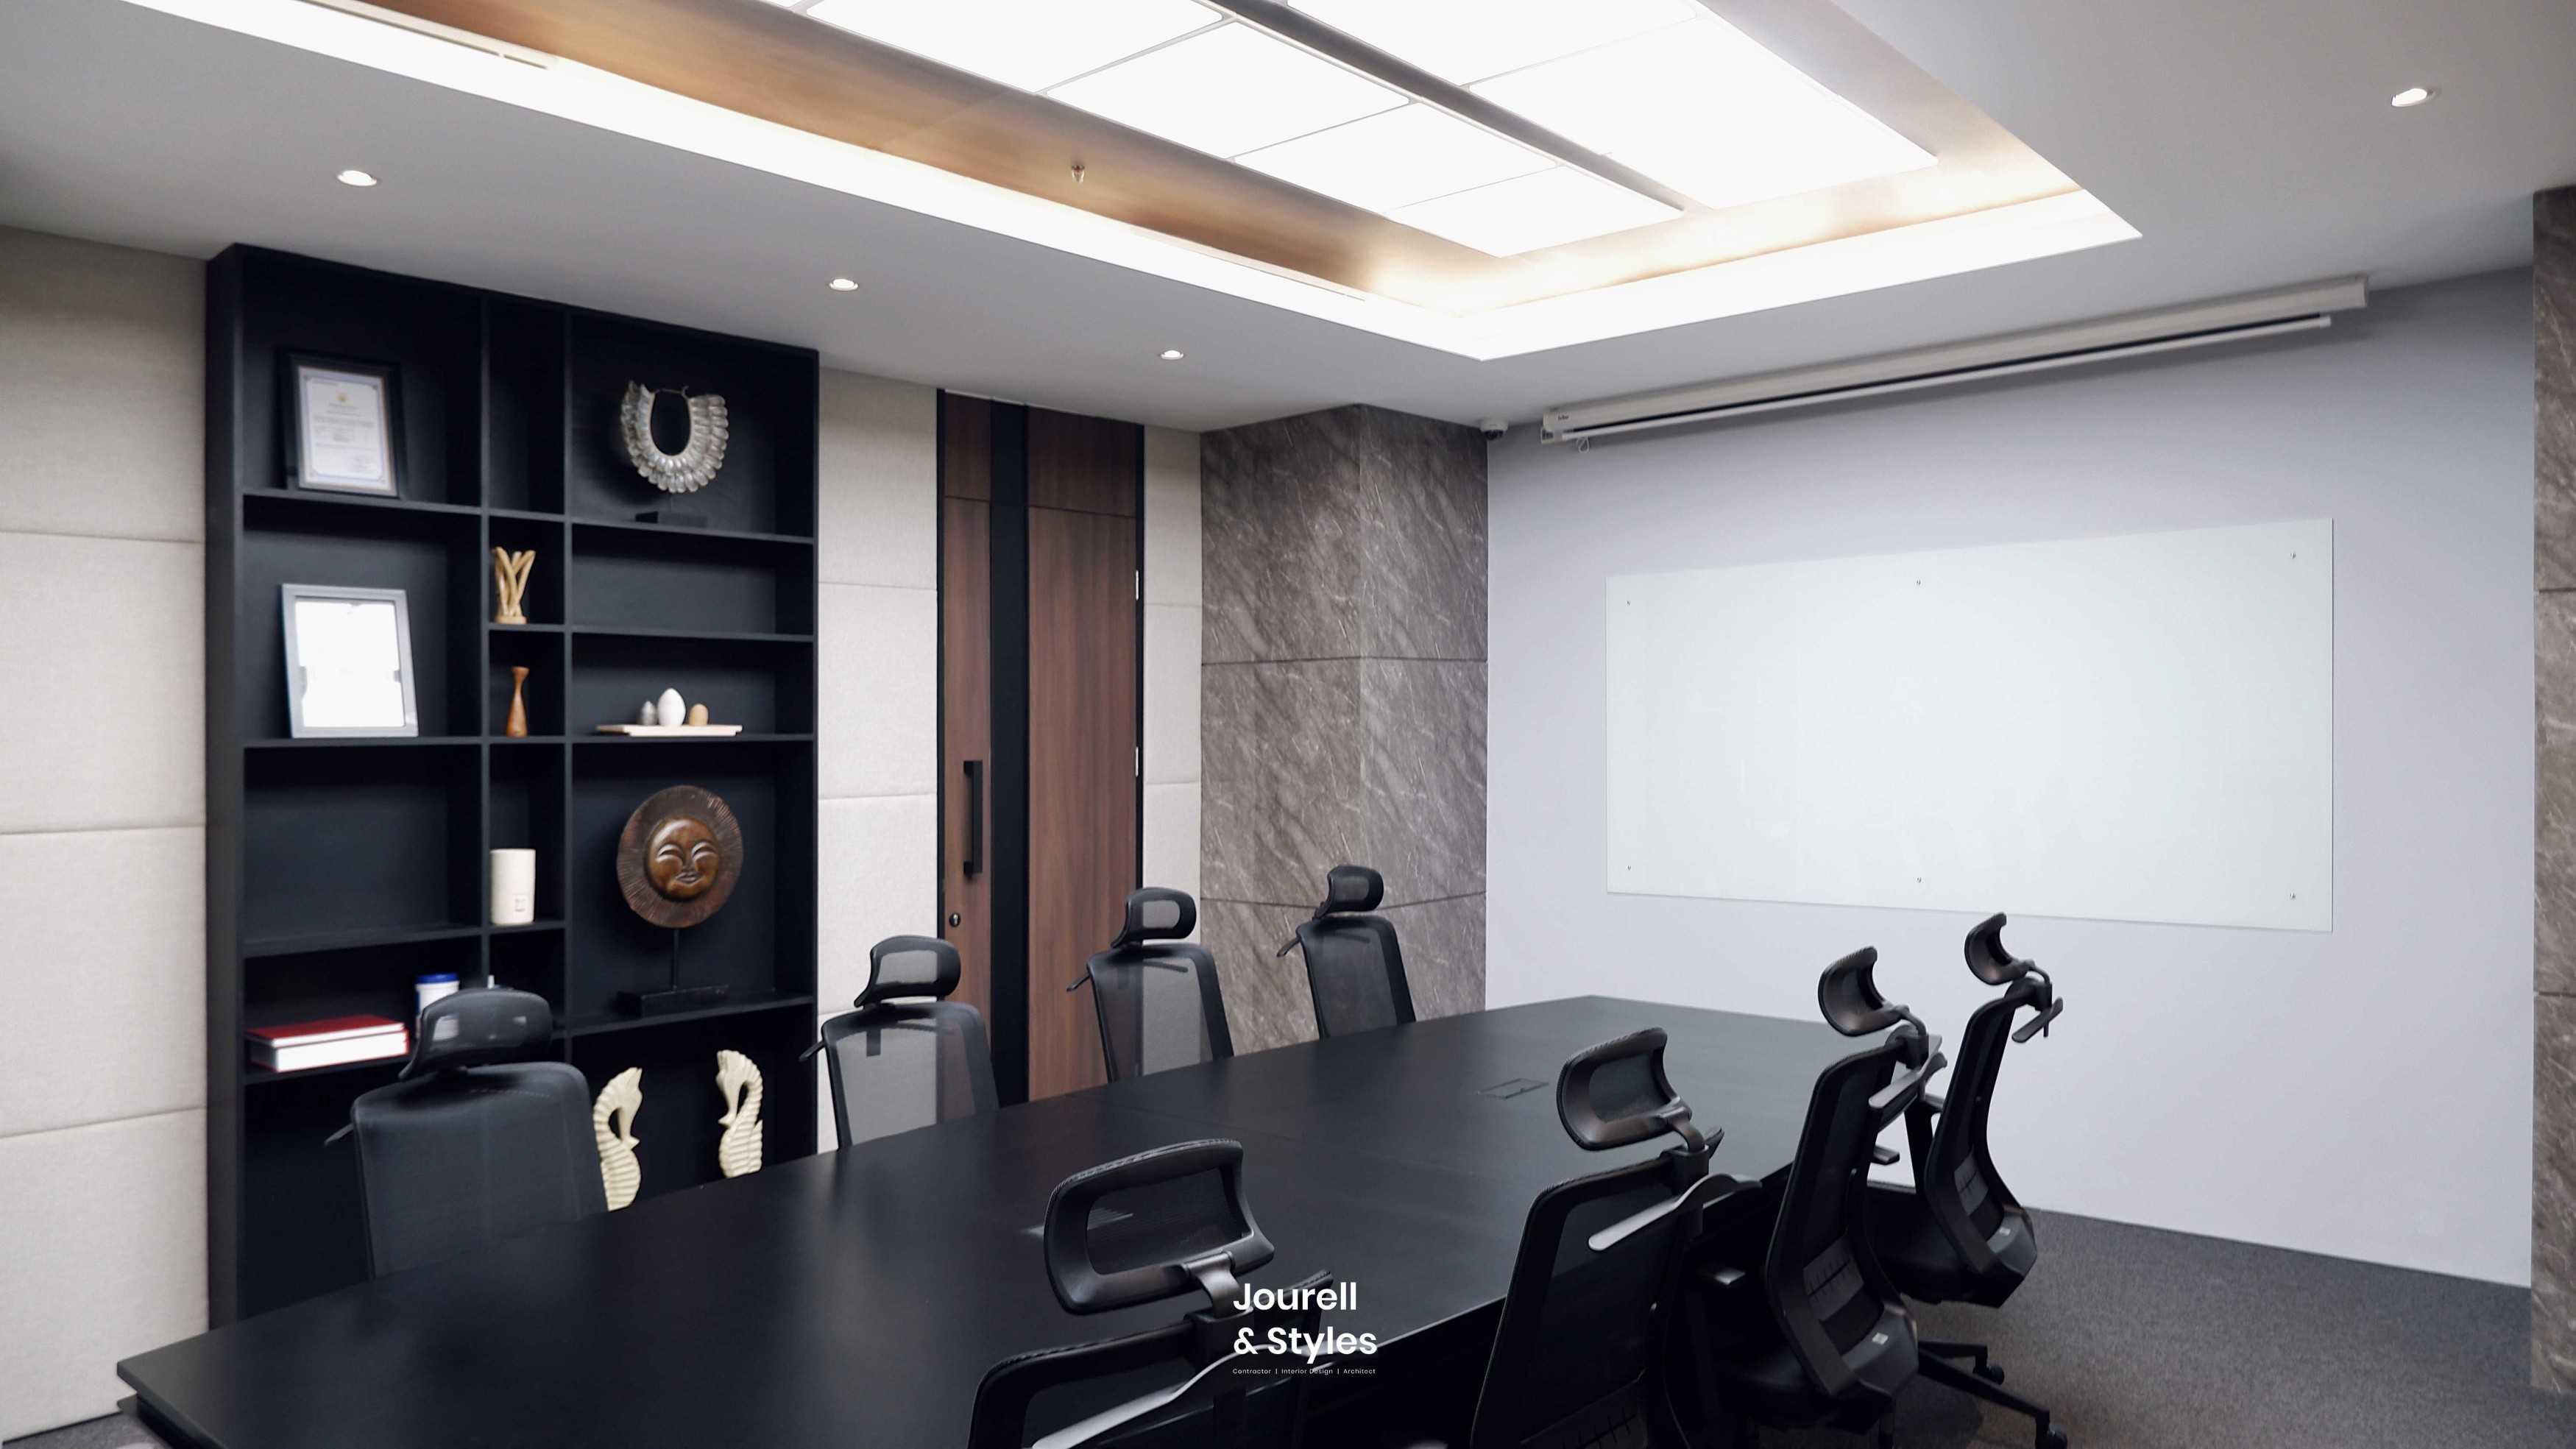 Jourell & Styles Office Trading Jakarta, Daerah Khusus Ibukota Jakarta, Indonesia Jakarta, Daerah Khusus Ibukota Jakarta, Indonesia Jourell-Styles-Office-Trading   134546